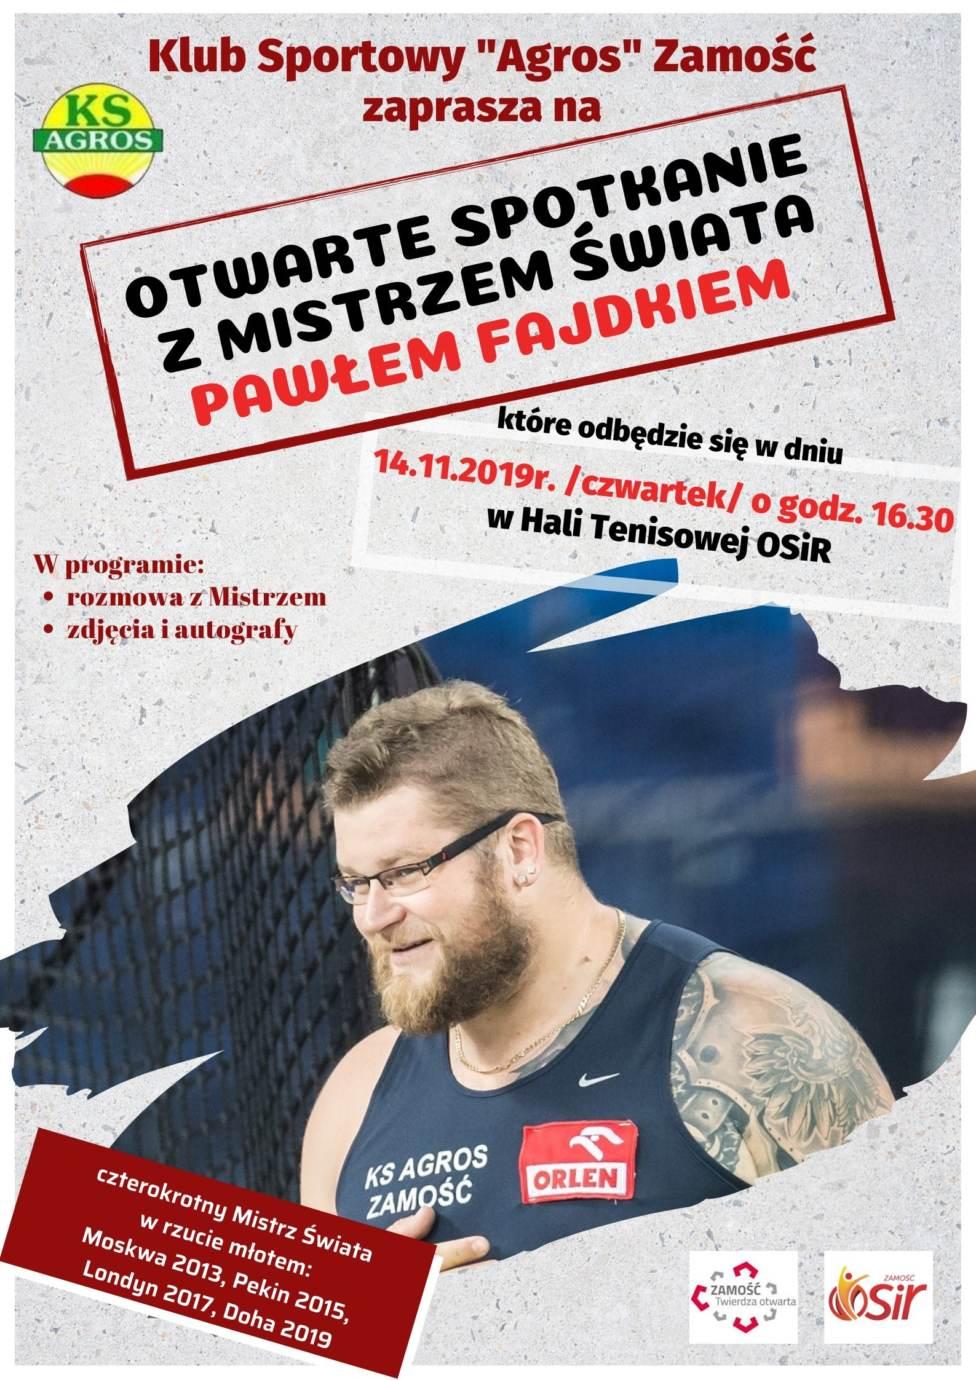 fajdek plakat Zamość: Otwarte spotkanie z mistrzem świata Pawłem Fajdkiem